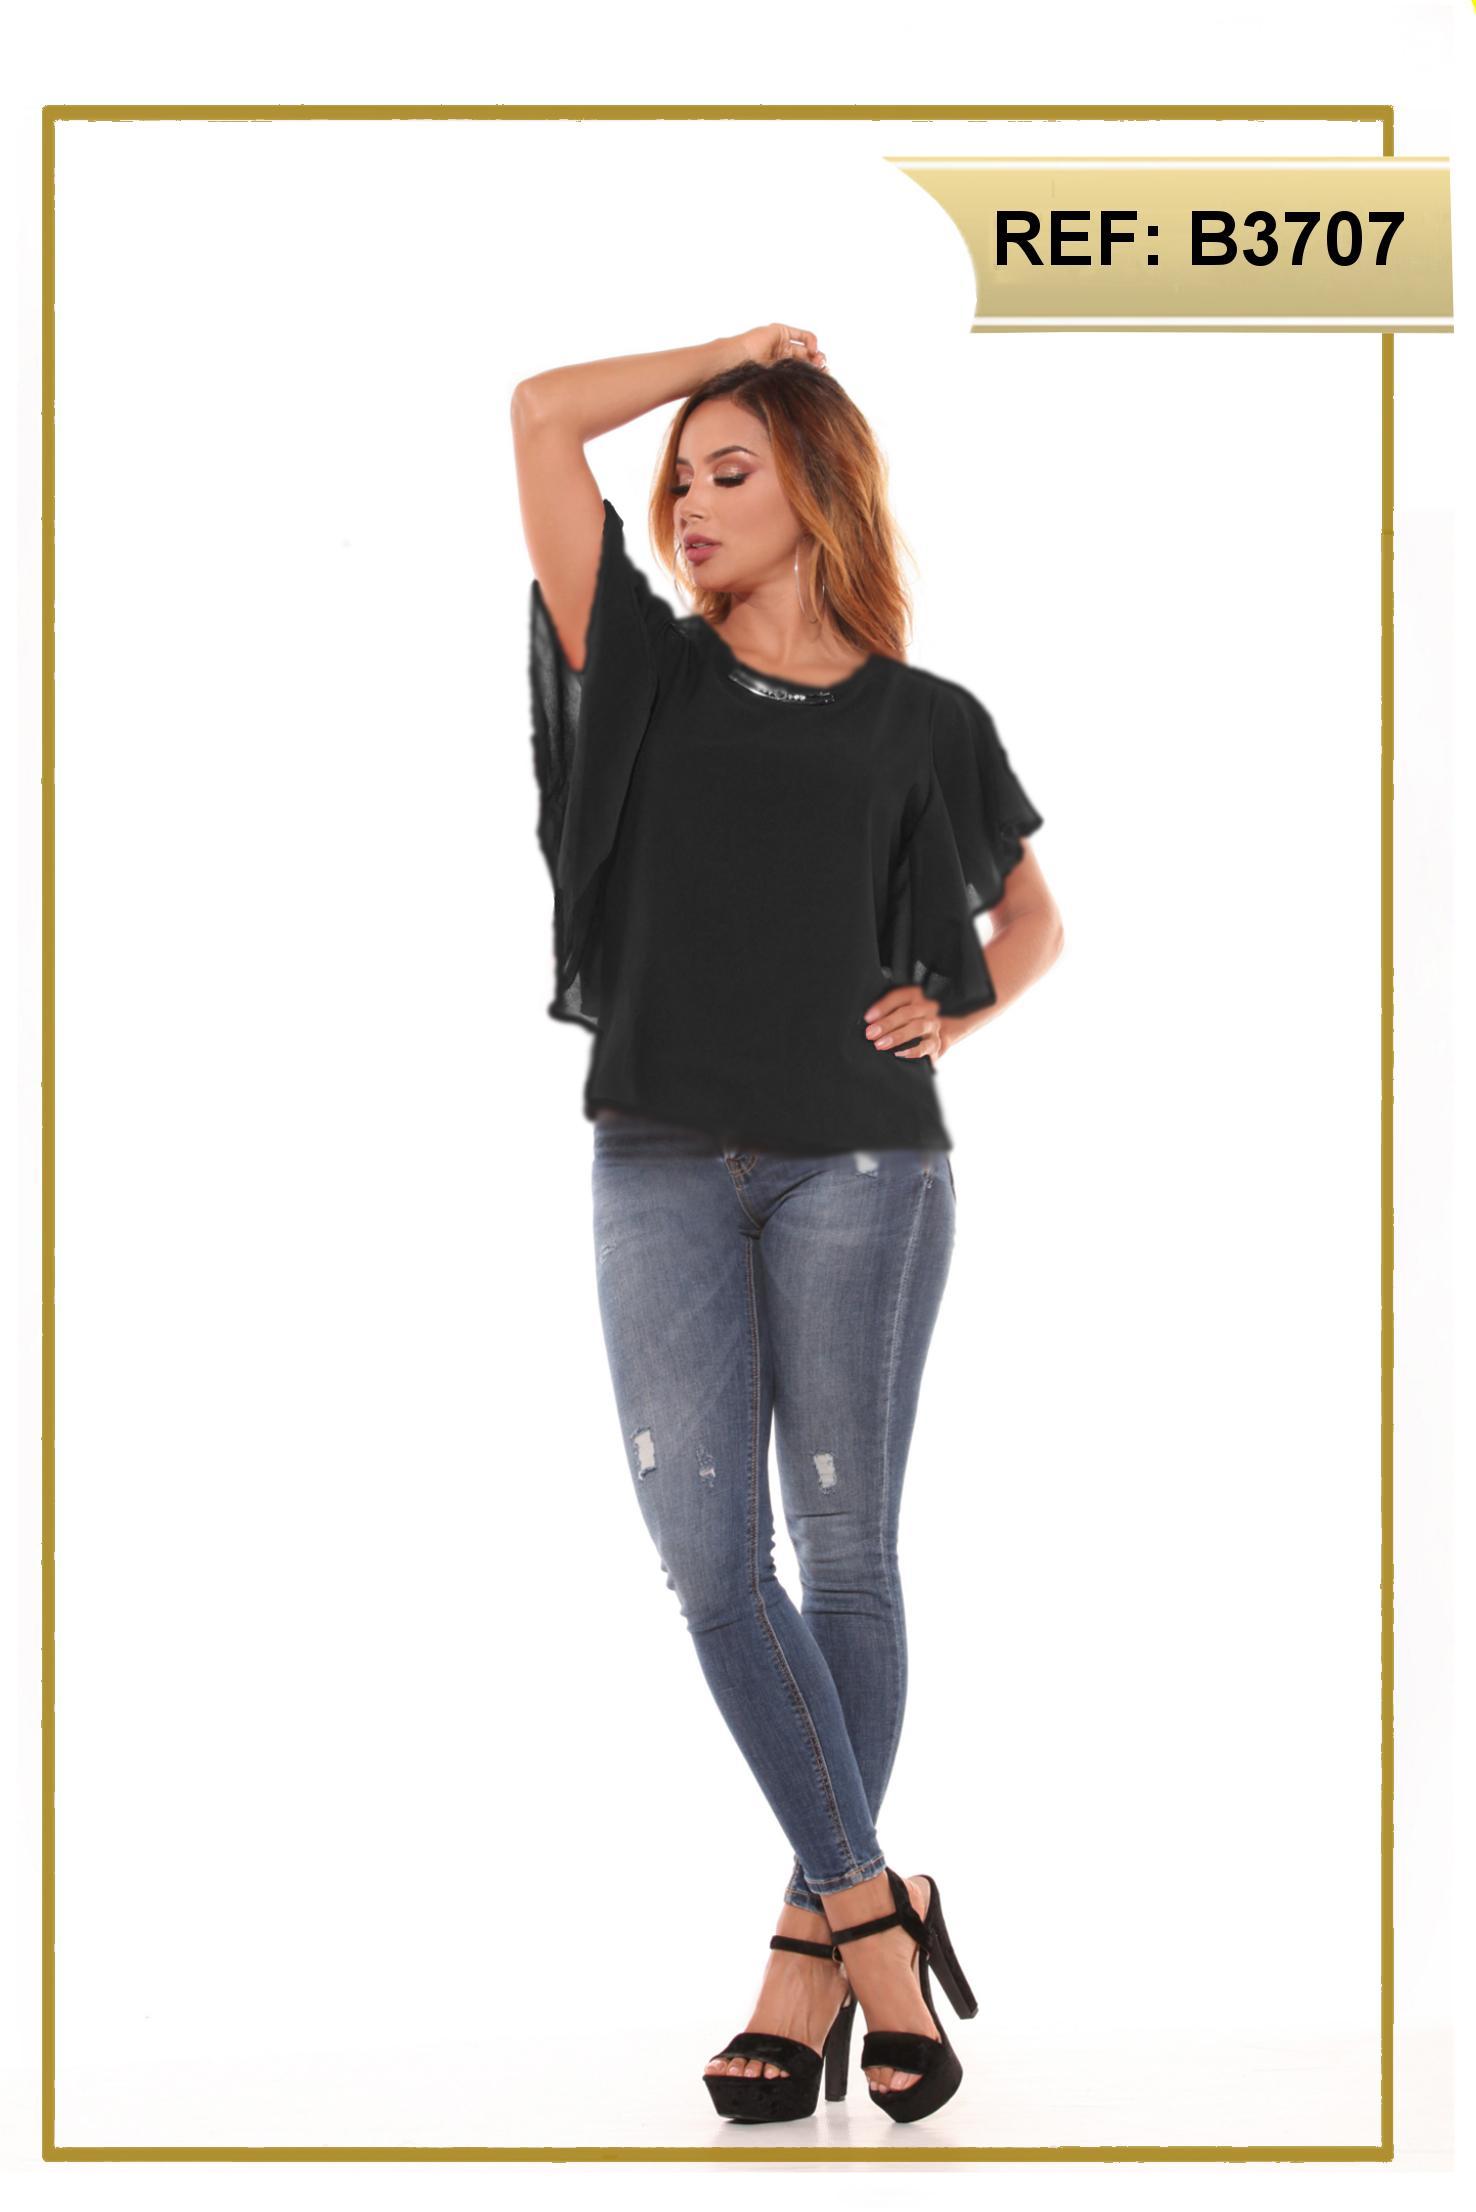 Blusa Colombiana de Dama con mangas cortas y anchas que le dan un hermoso toque a tu estilo original